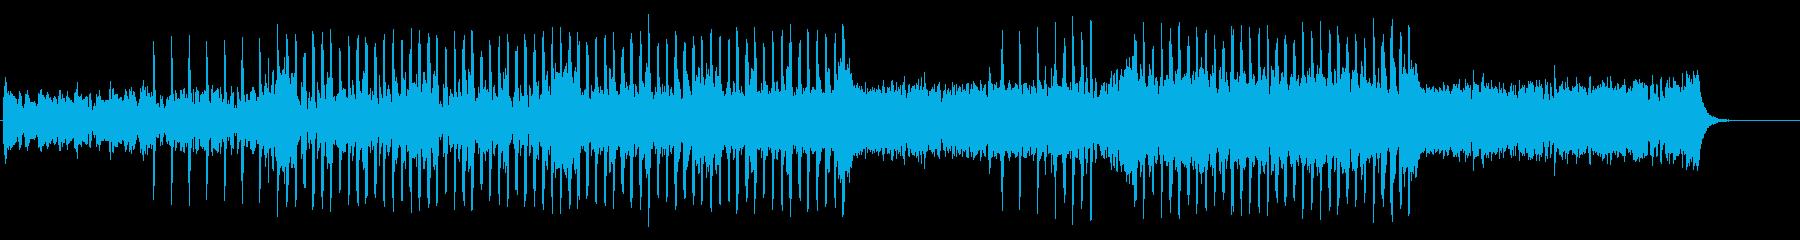 ストリングス・爽やか・シティポップ風の再生済みの波形